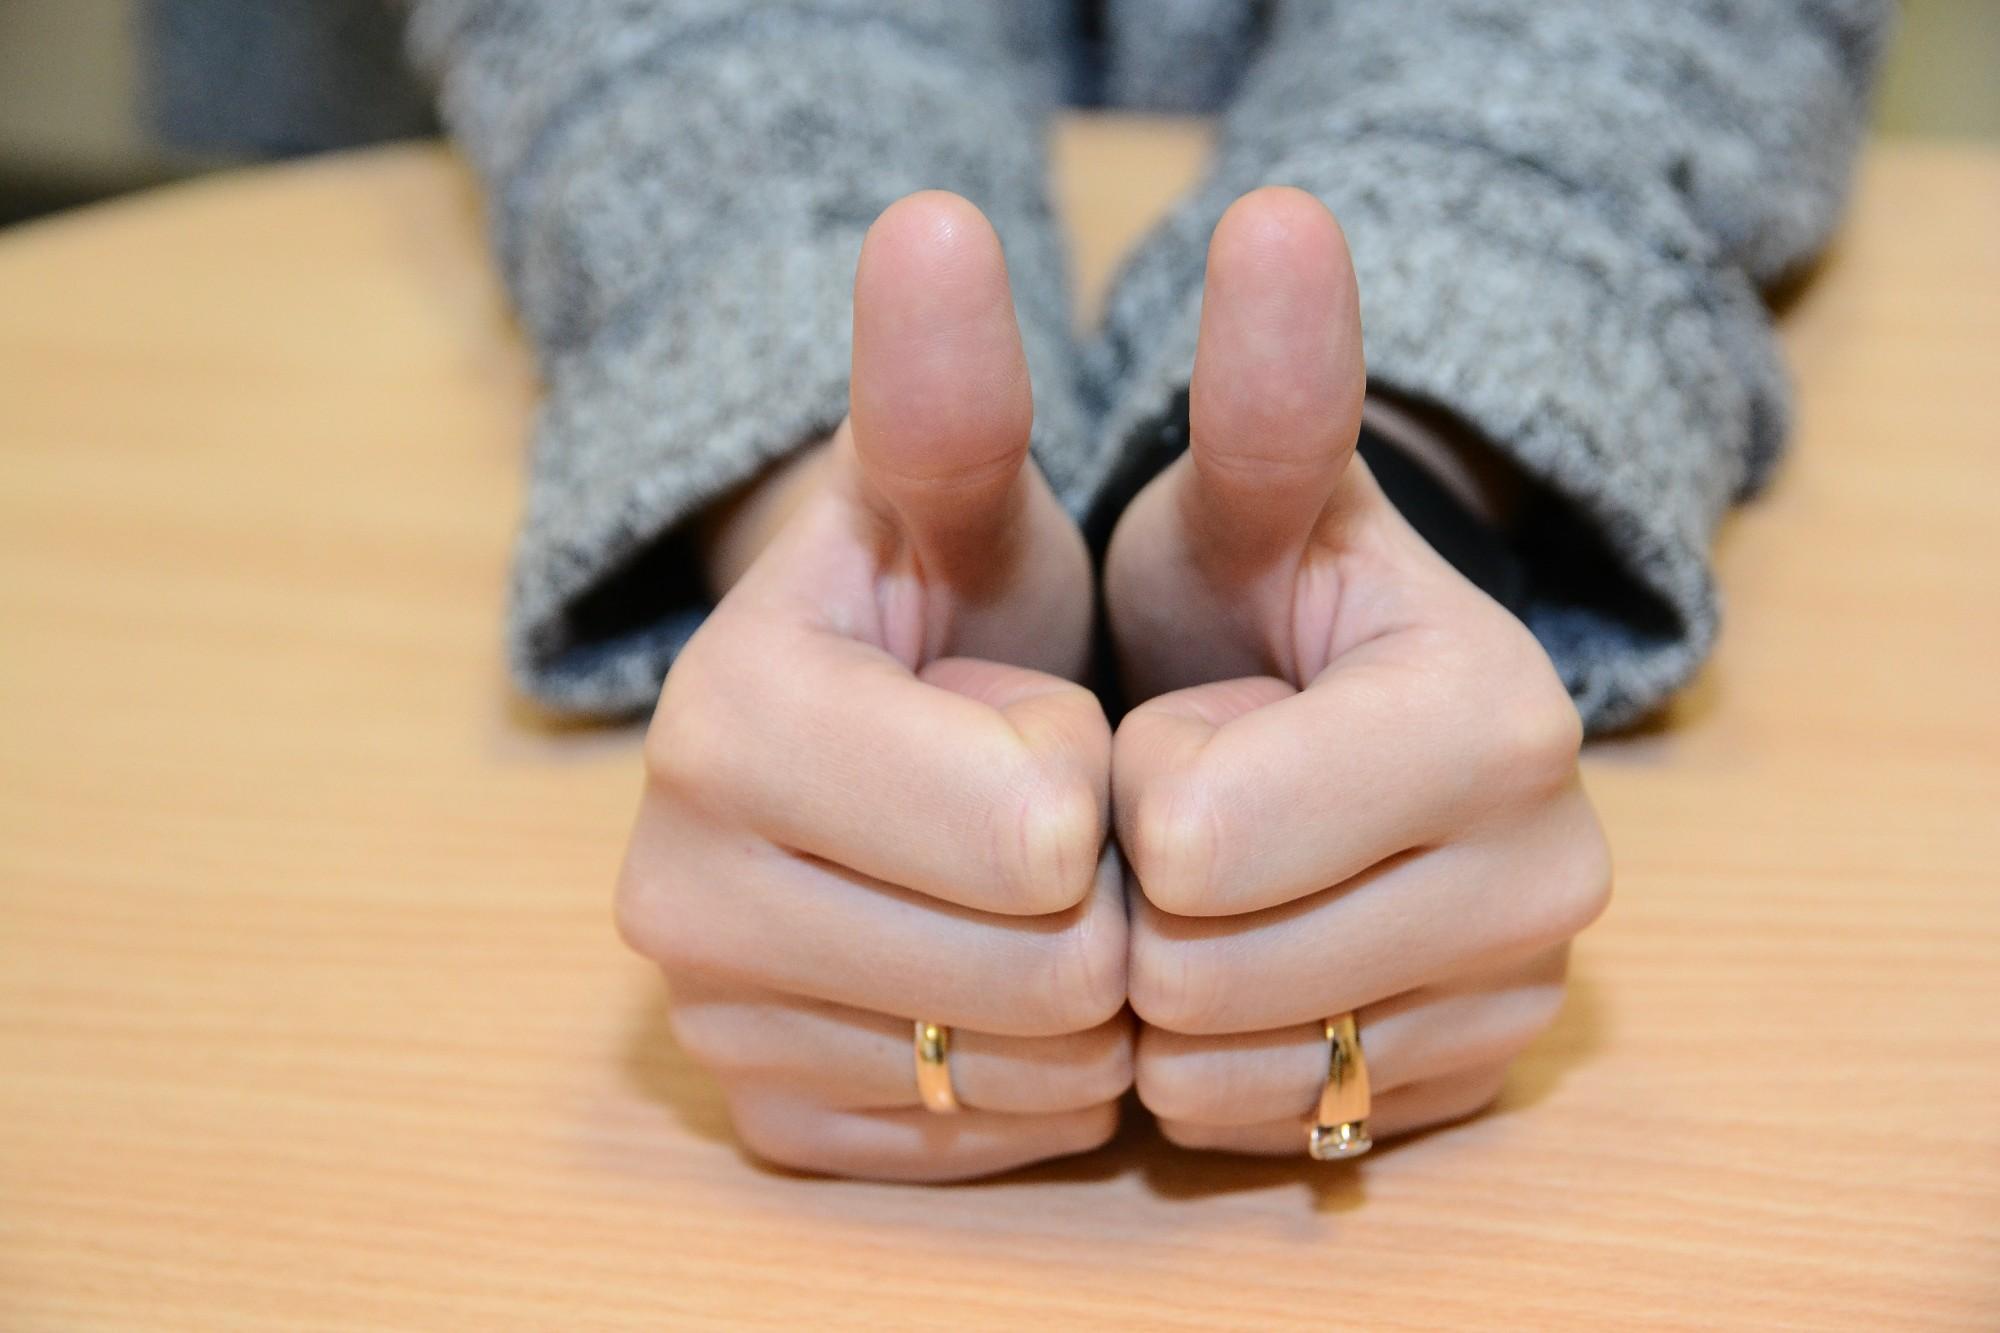 Kādi tavi pirksti? Kāds tu pats?